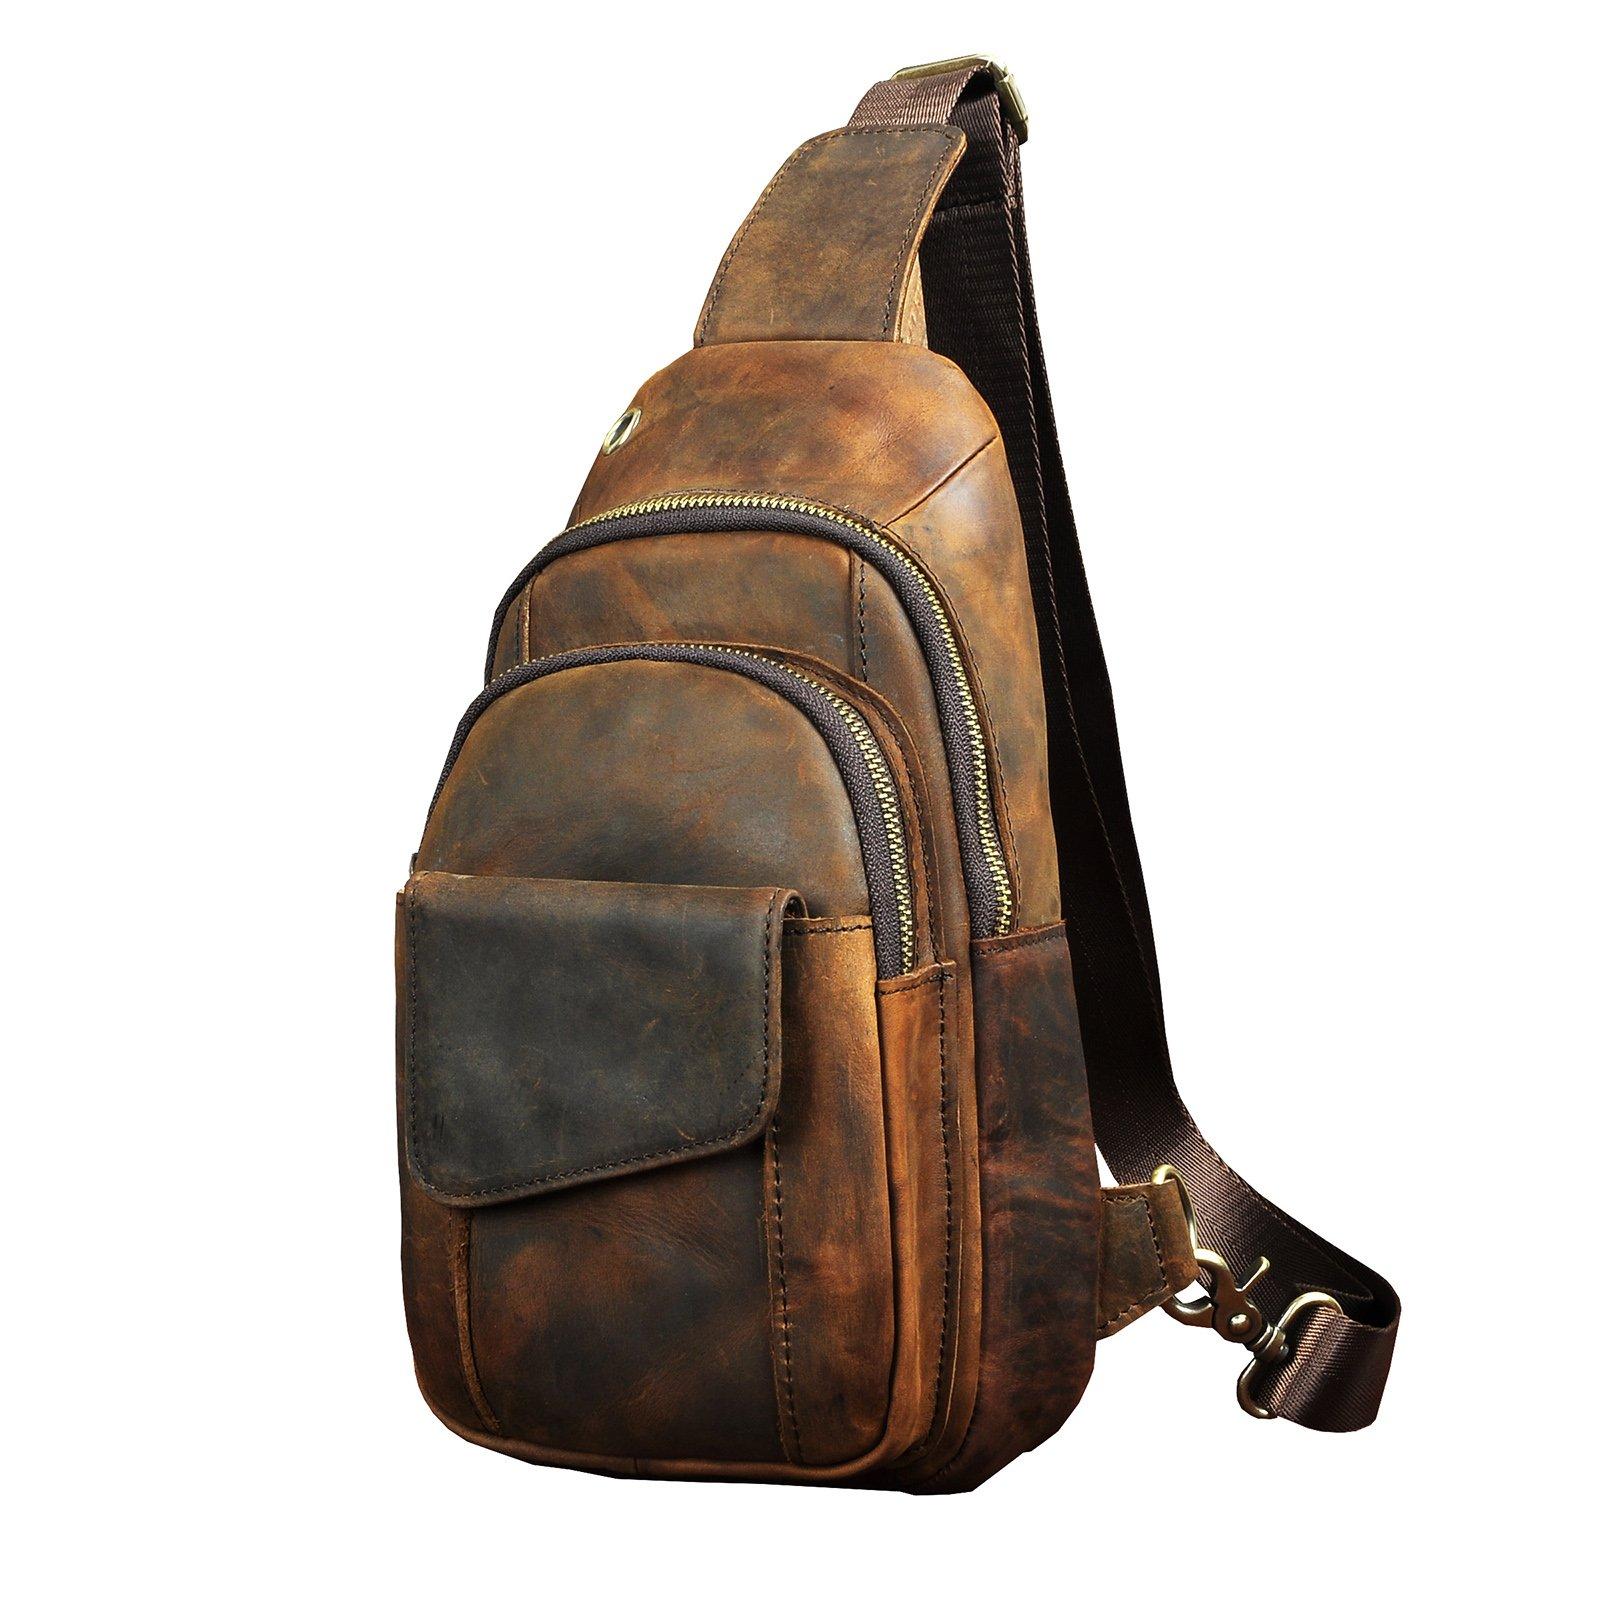 Le'aokuu Men Outdoor Casual Travel Hiking Tea Crossbody Chest Sling Bag Rig One Shoulder Strap Bag Backpack Men Leather (8013 dark brown 2)